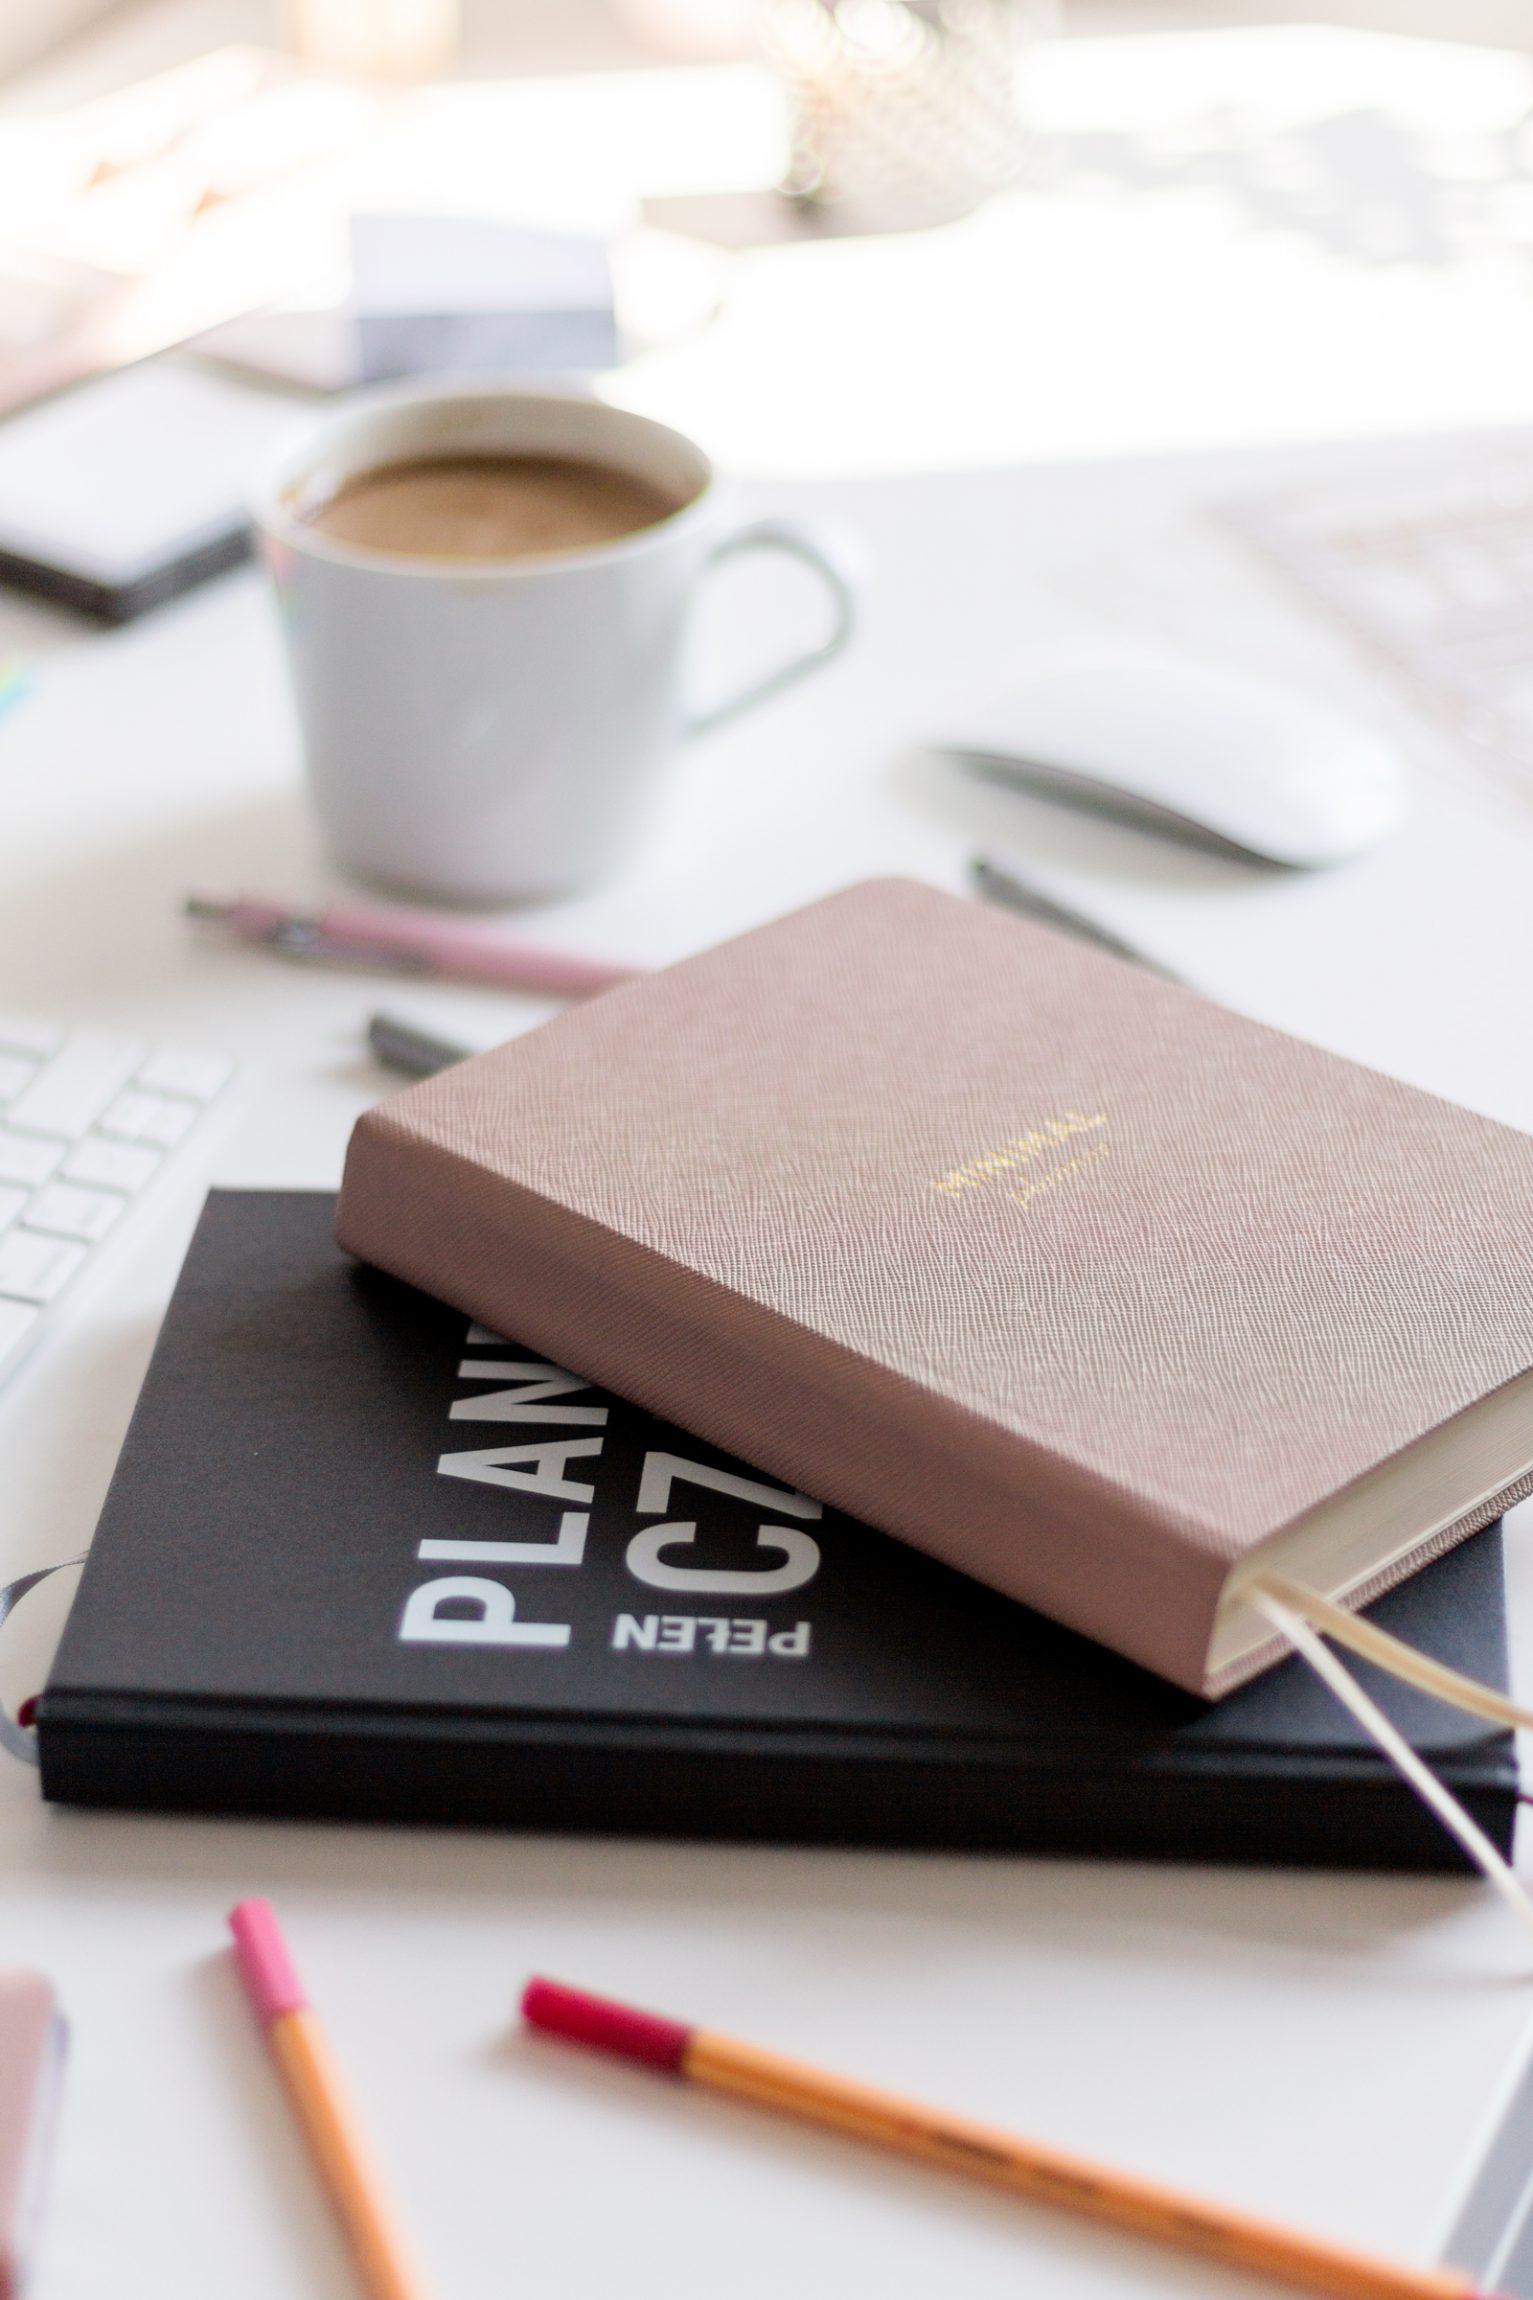 Moje efektywne planowanie | Moyemu - blog kreatywny